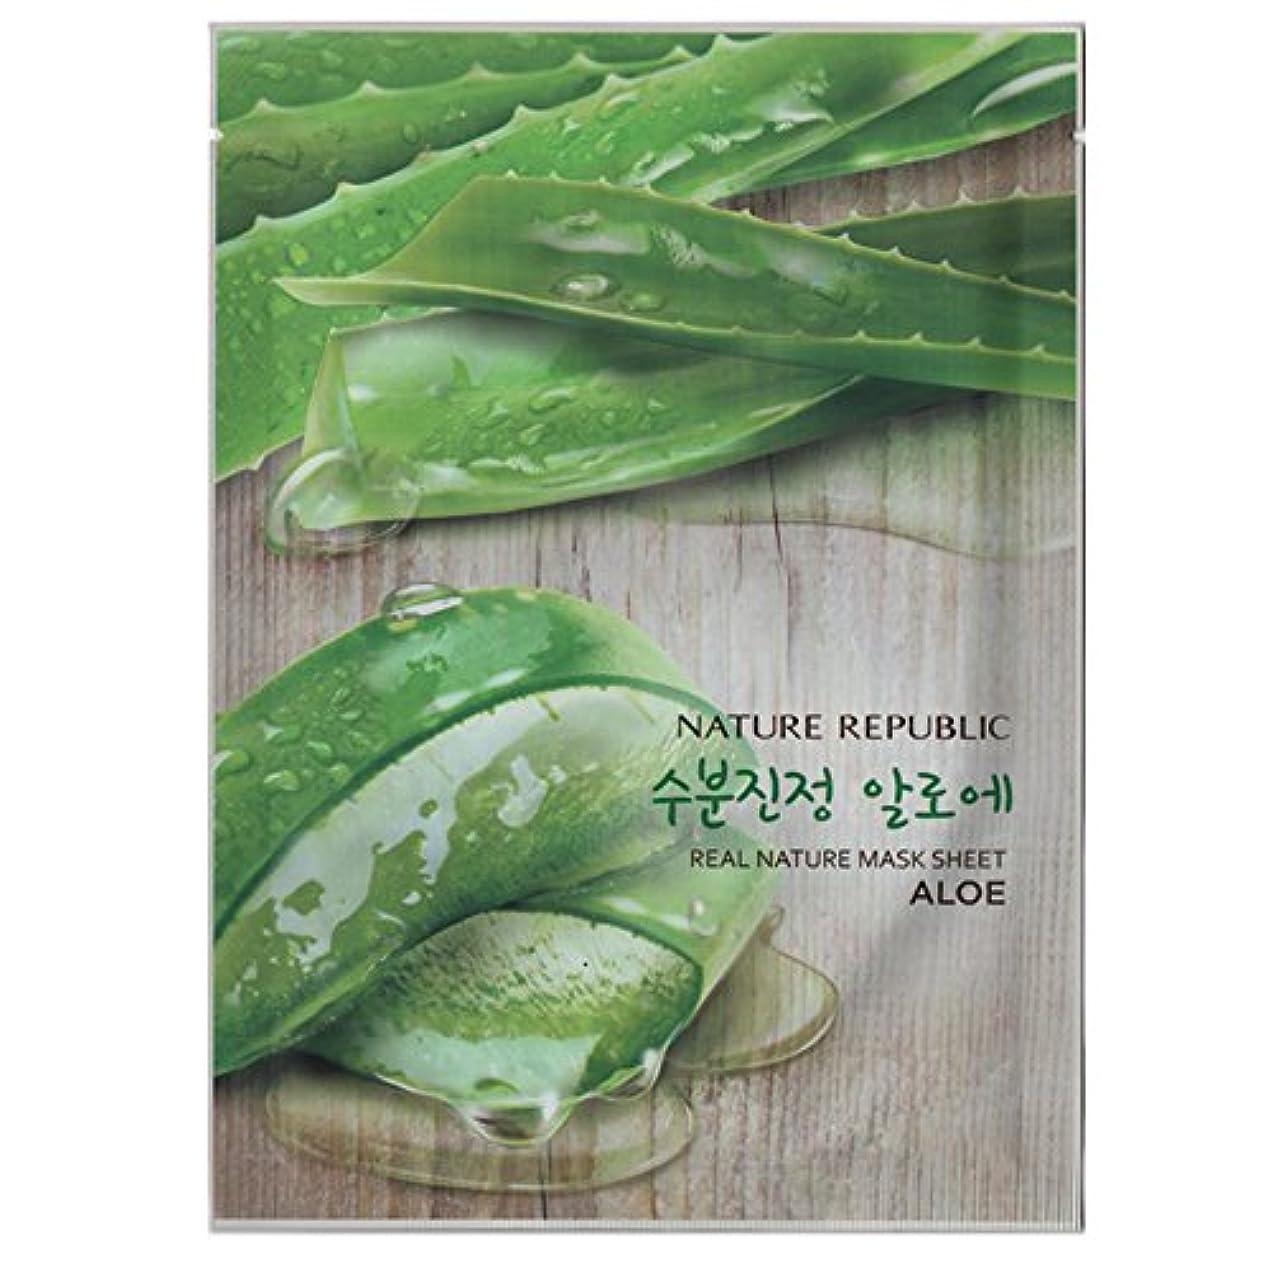 人類チャートグループ[NATURE REPUBLIC] リアルネイチャー マスクシート Real Nature Mask Sheet (Aloe (アロエ) 10個) [並行輸入品]